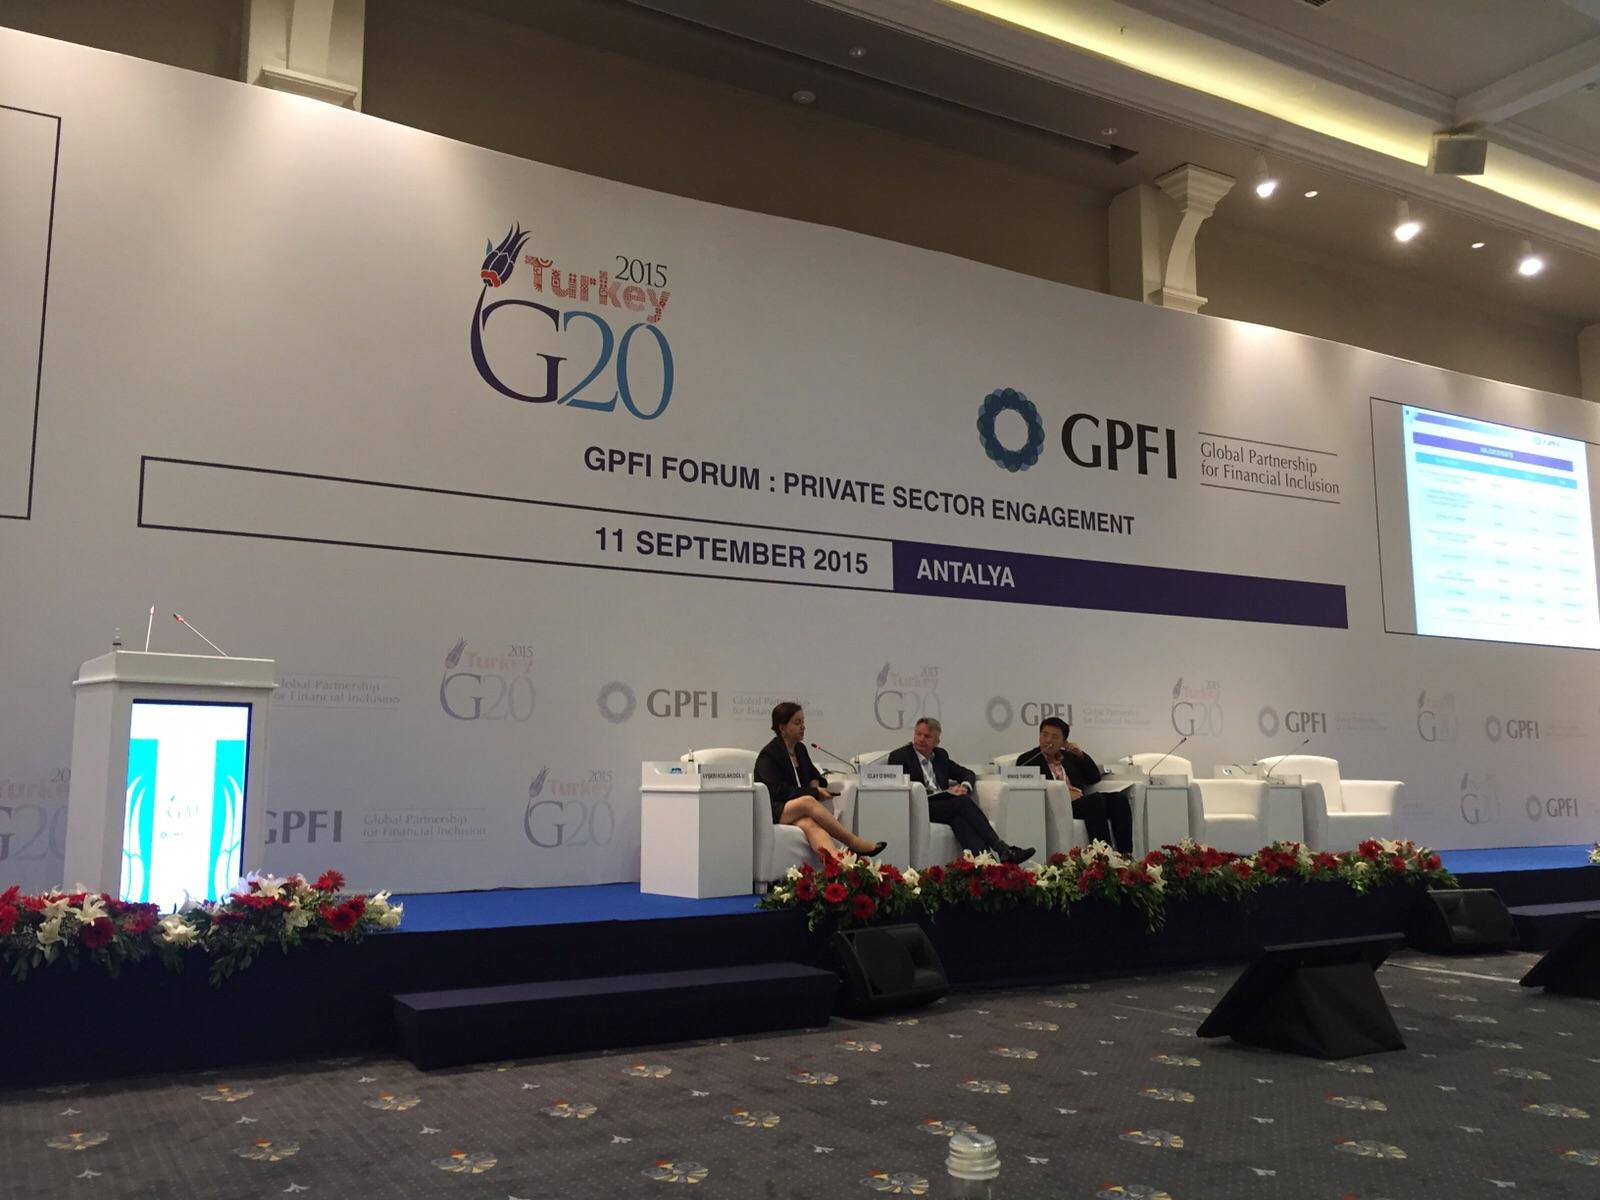 GPFI G20 Zirvesi Antalya'da Gerçekleşti